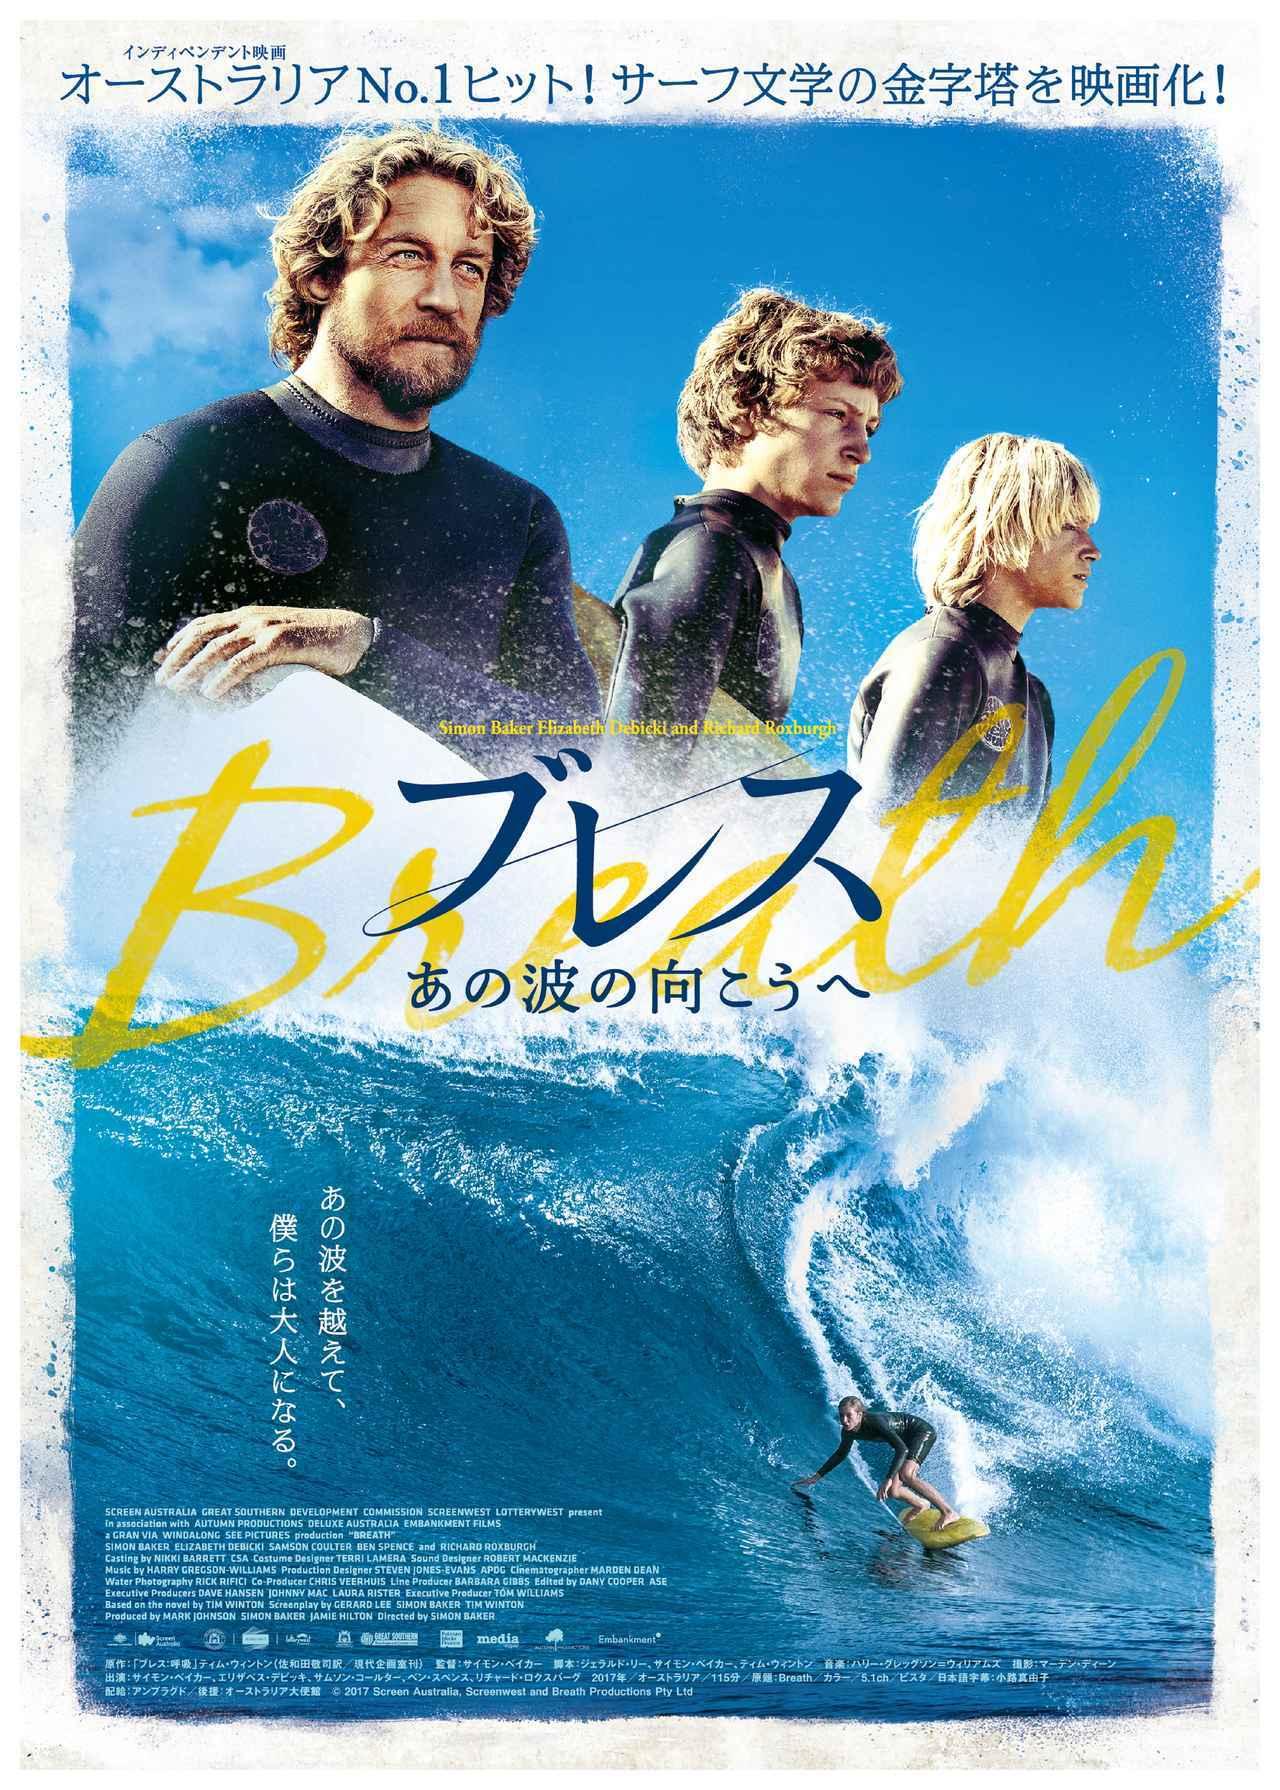 画像: 海版『スタンド・バイ・ミー』と話題のサーフィン映画が公開決定 - SCREEN ONLINE(スクリーンオンライン)